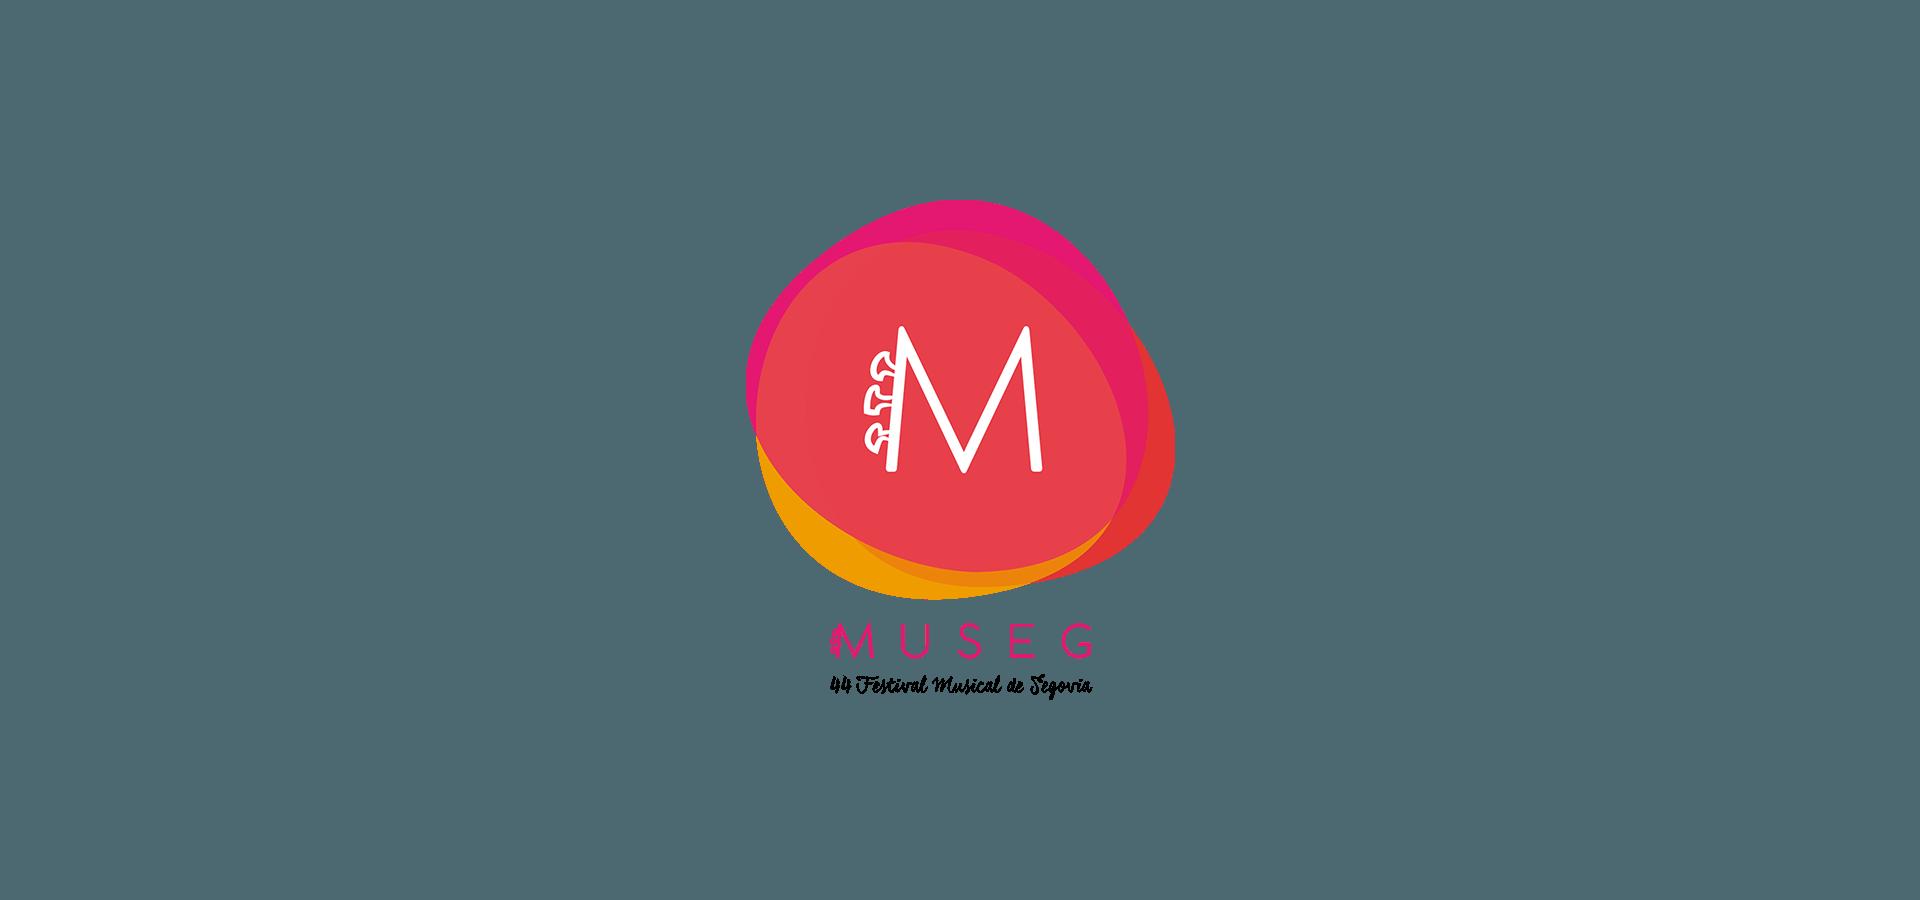 MUSEG-44-Festival-Musical-de-Segovia